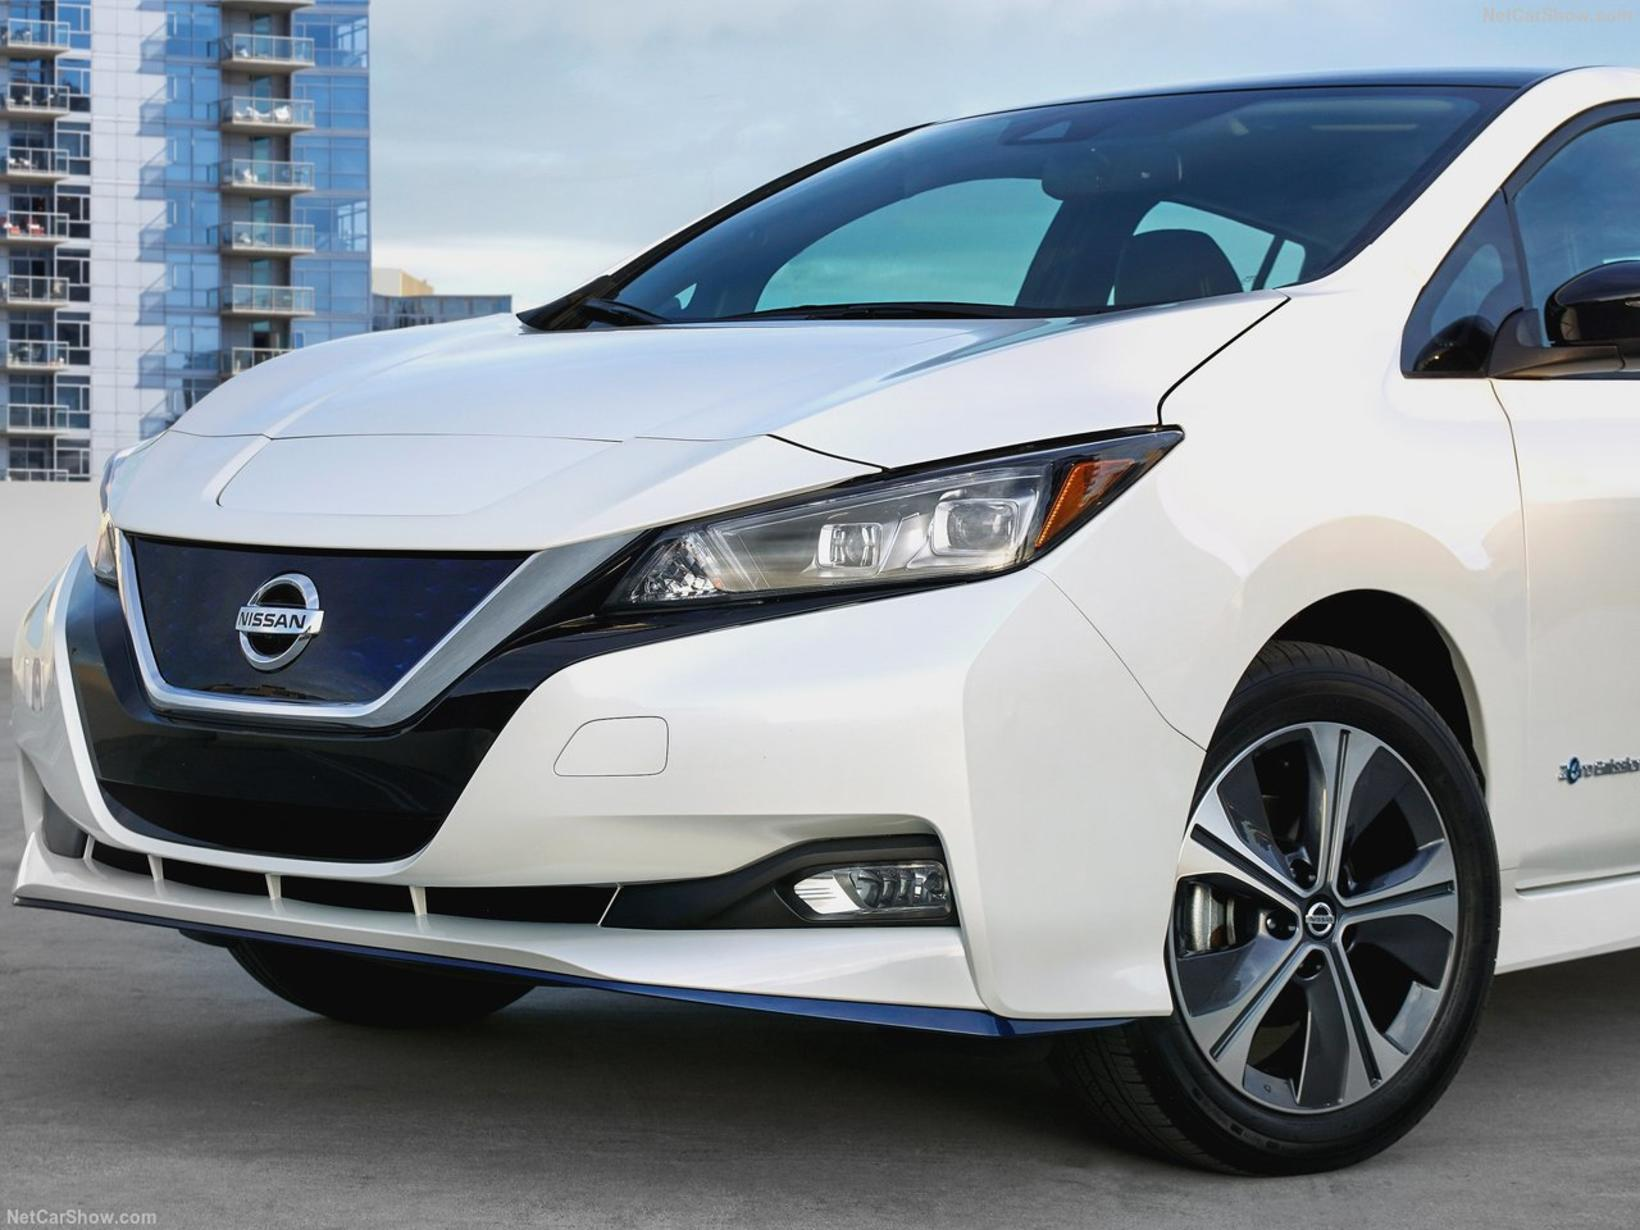 Nissan Leaf selst best rafbíla í Bretlandi.